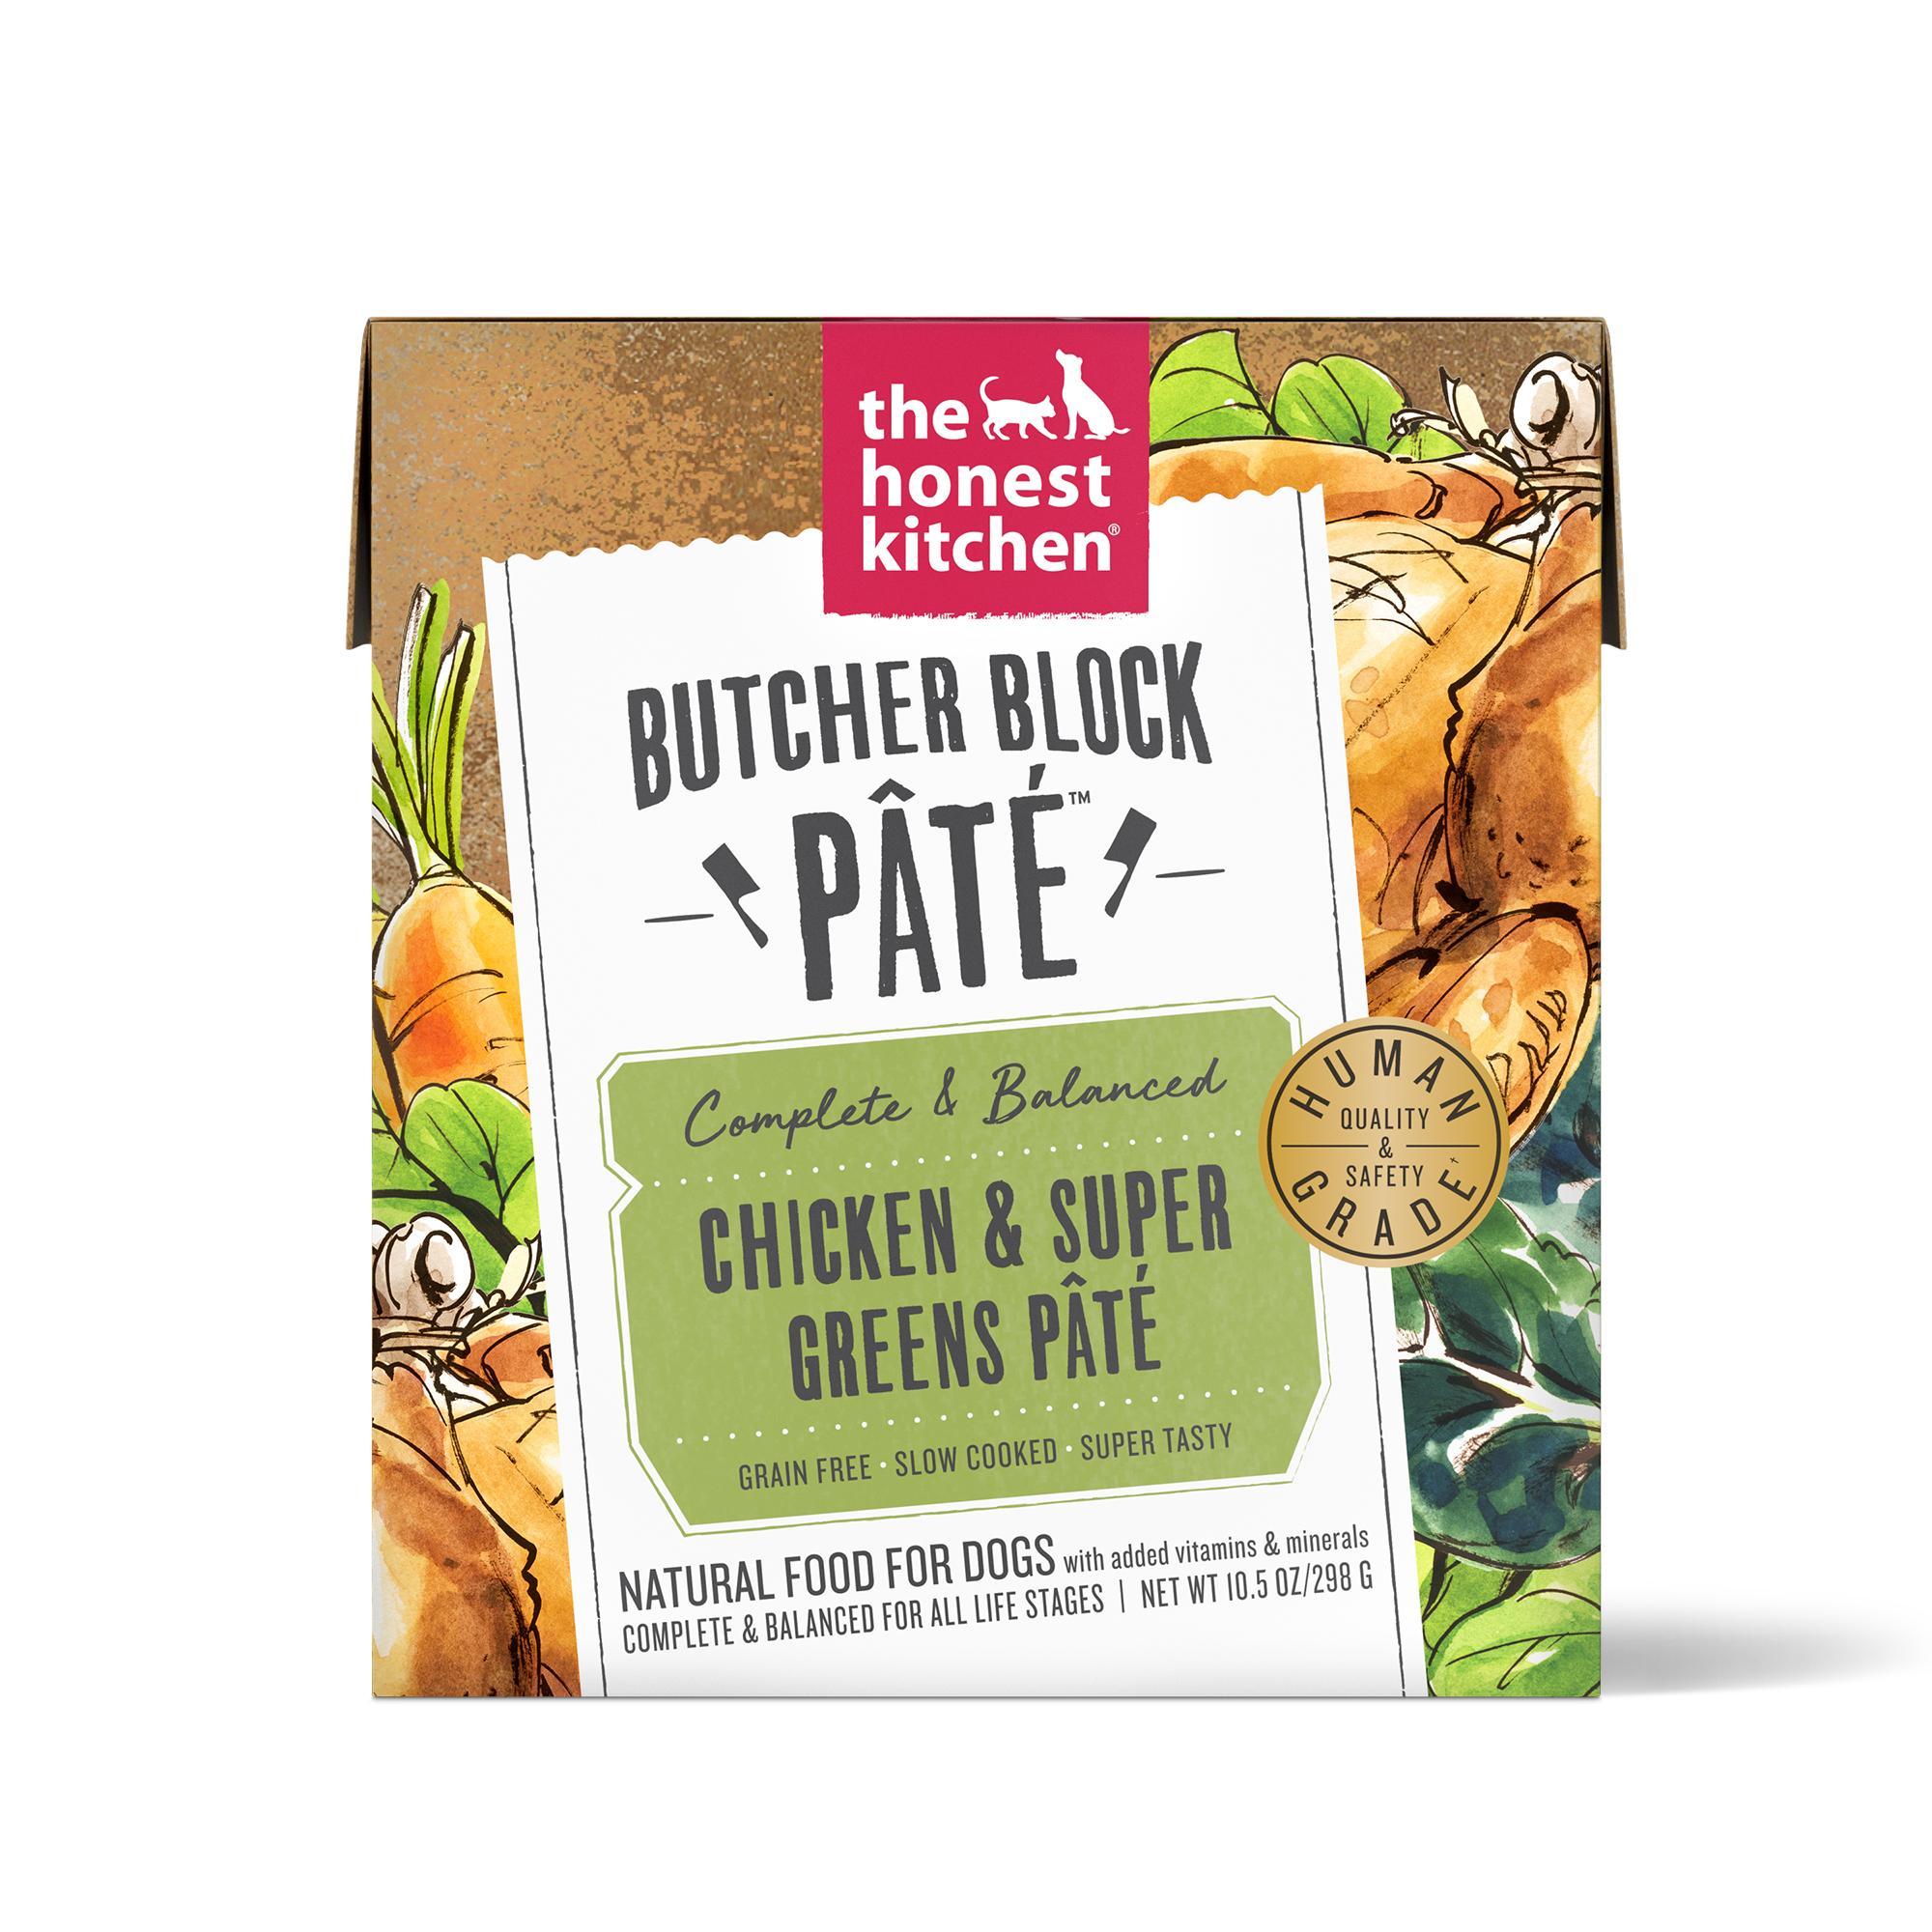 The Honest Kitchen Butcher Block Pate Chicken & Super Greens Wet Dog Food, 10.5-oz